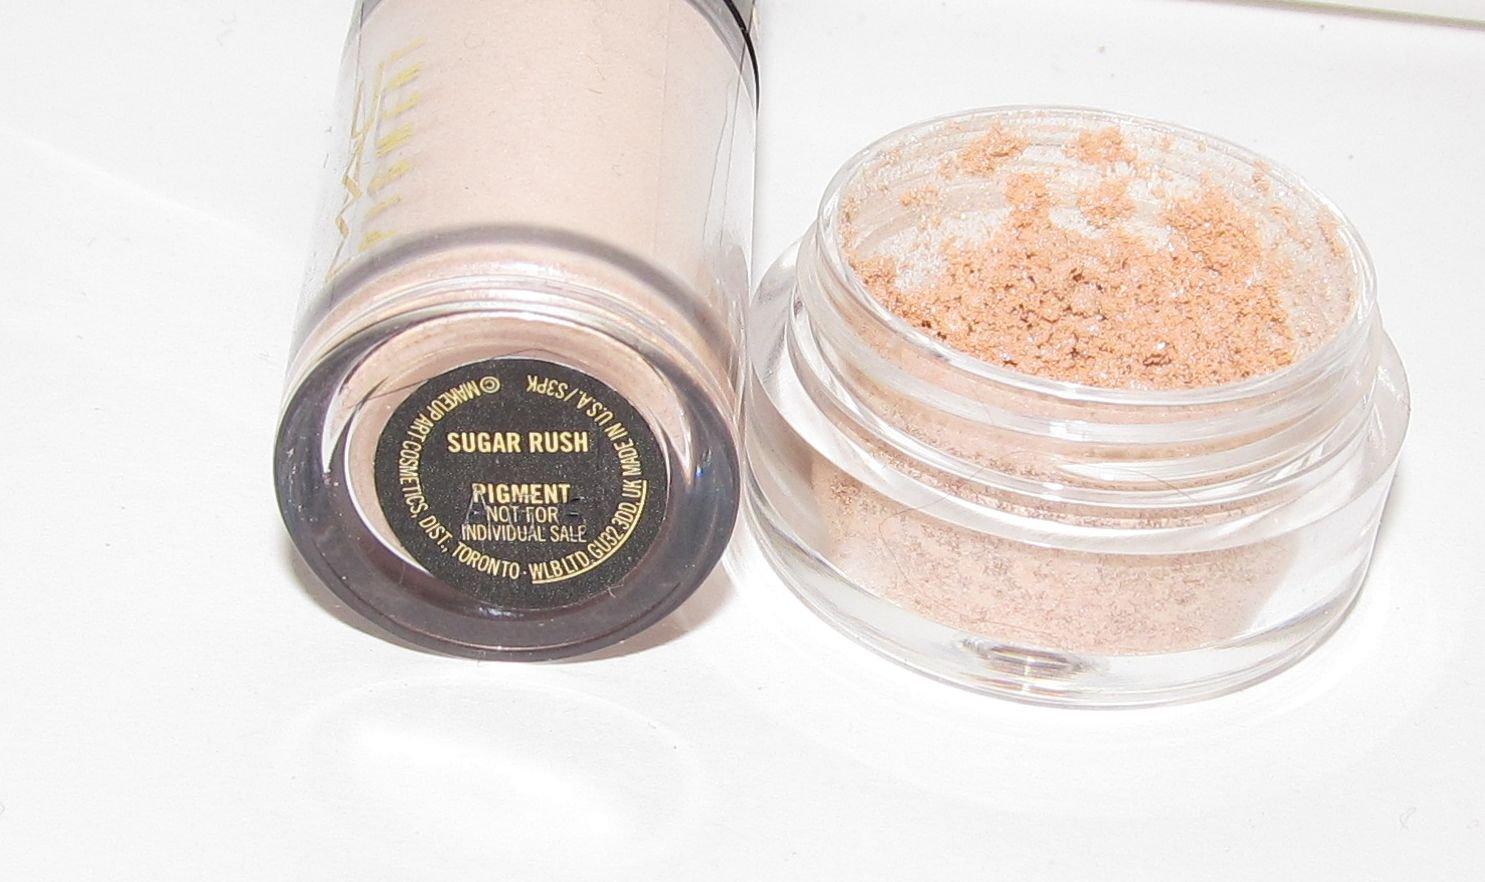 MAC Pigment Sample - Sugar Rush 1/4 tsp Sample